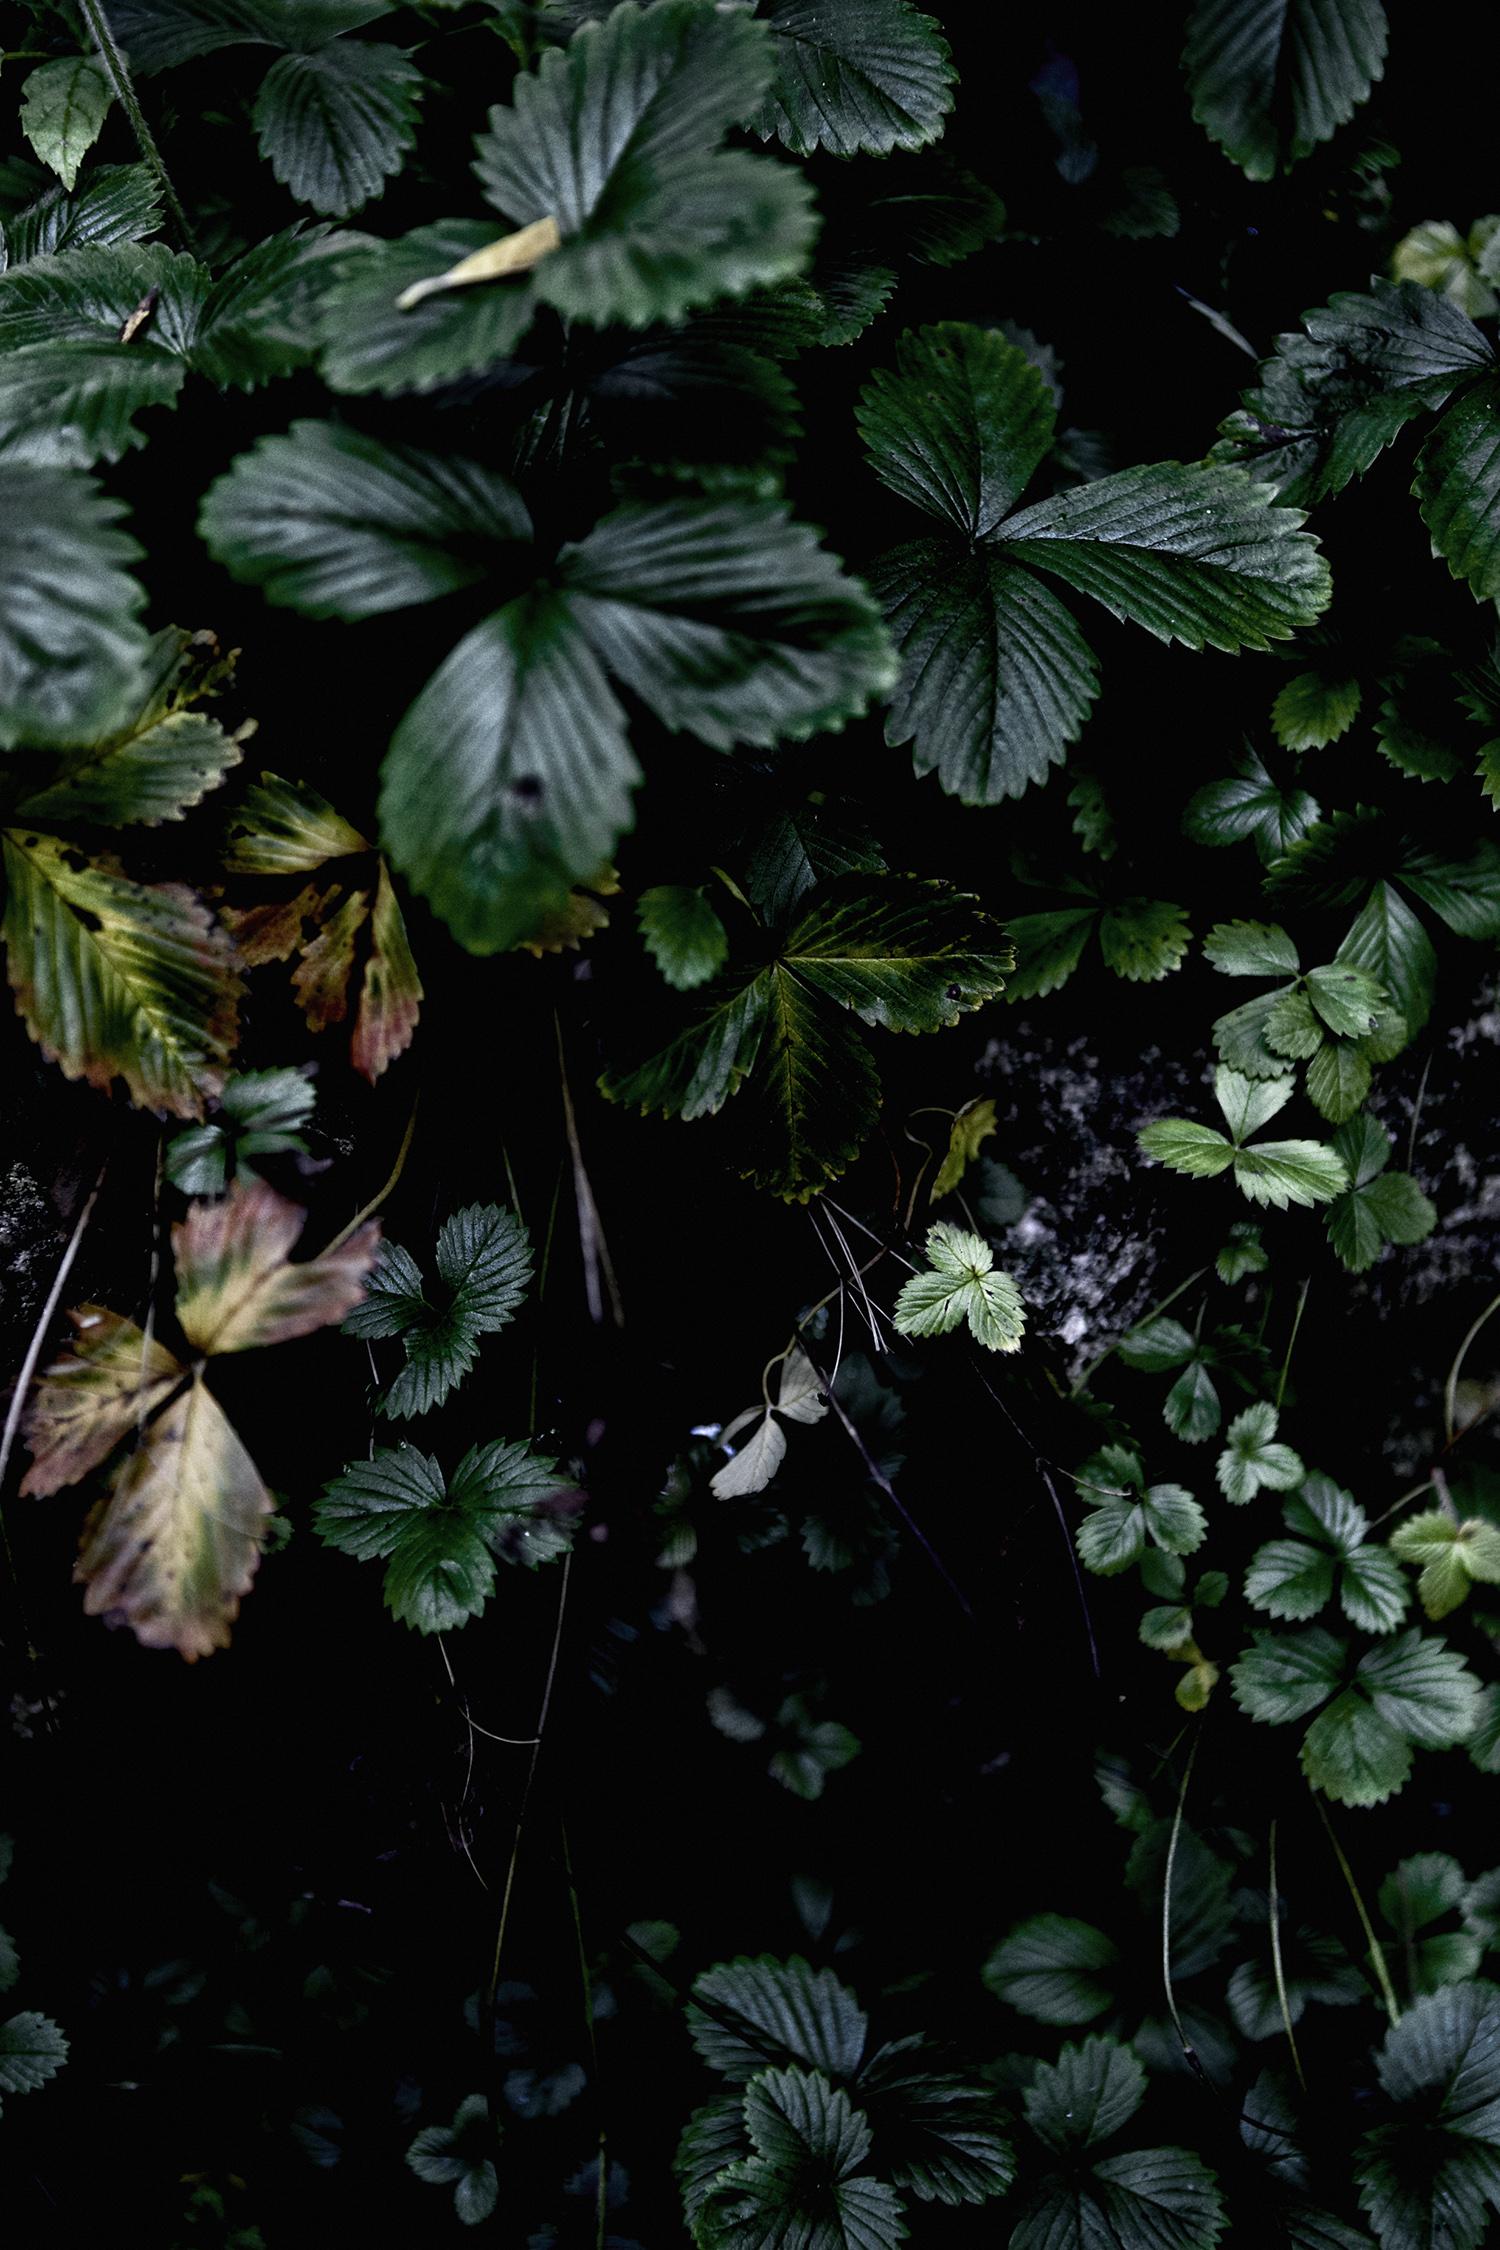 Wild_Strawberries_068.jpg